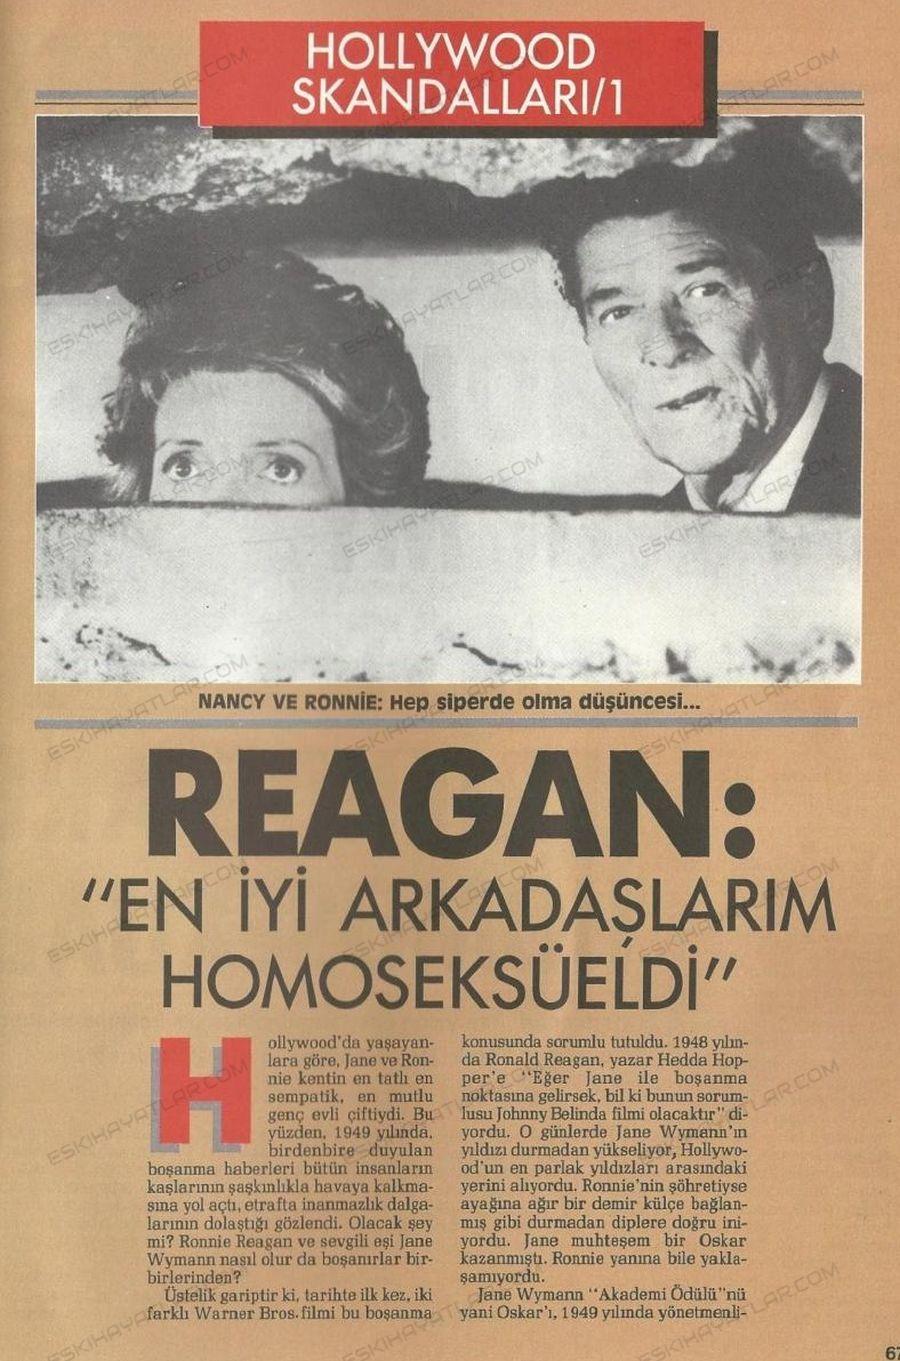 0224-ronald-reagan-haberleri-1986-erkekce-dergisi-reagan-en-iyi-arkadaslarim-homoseksueldi (2)